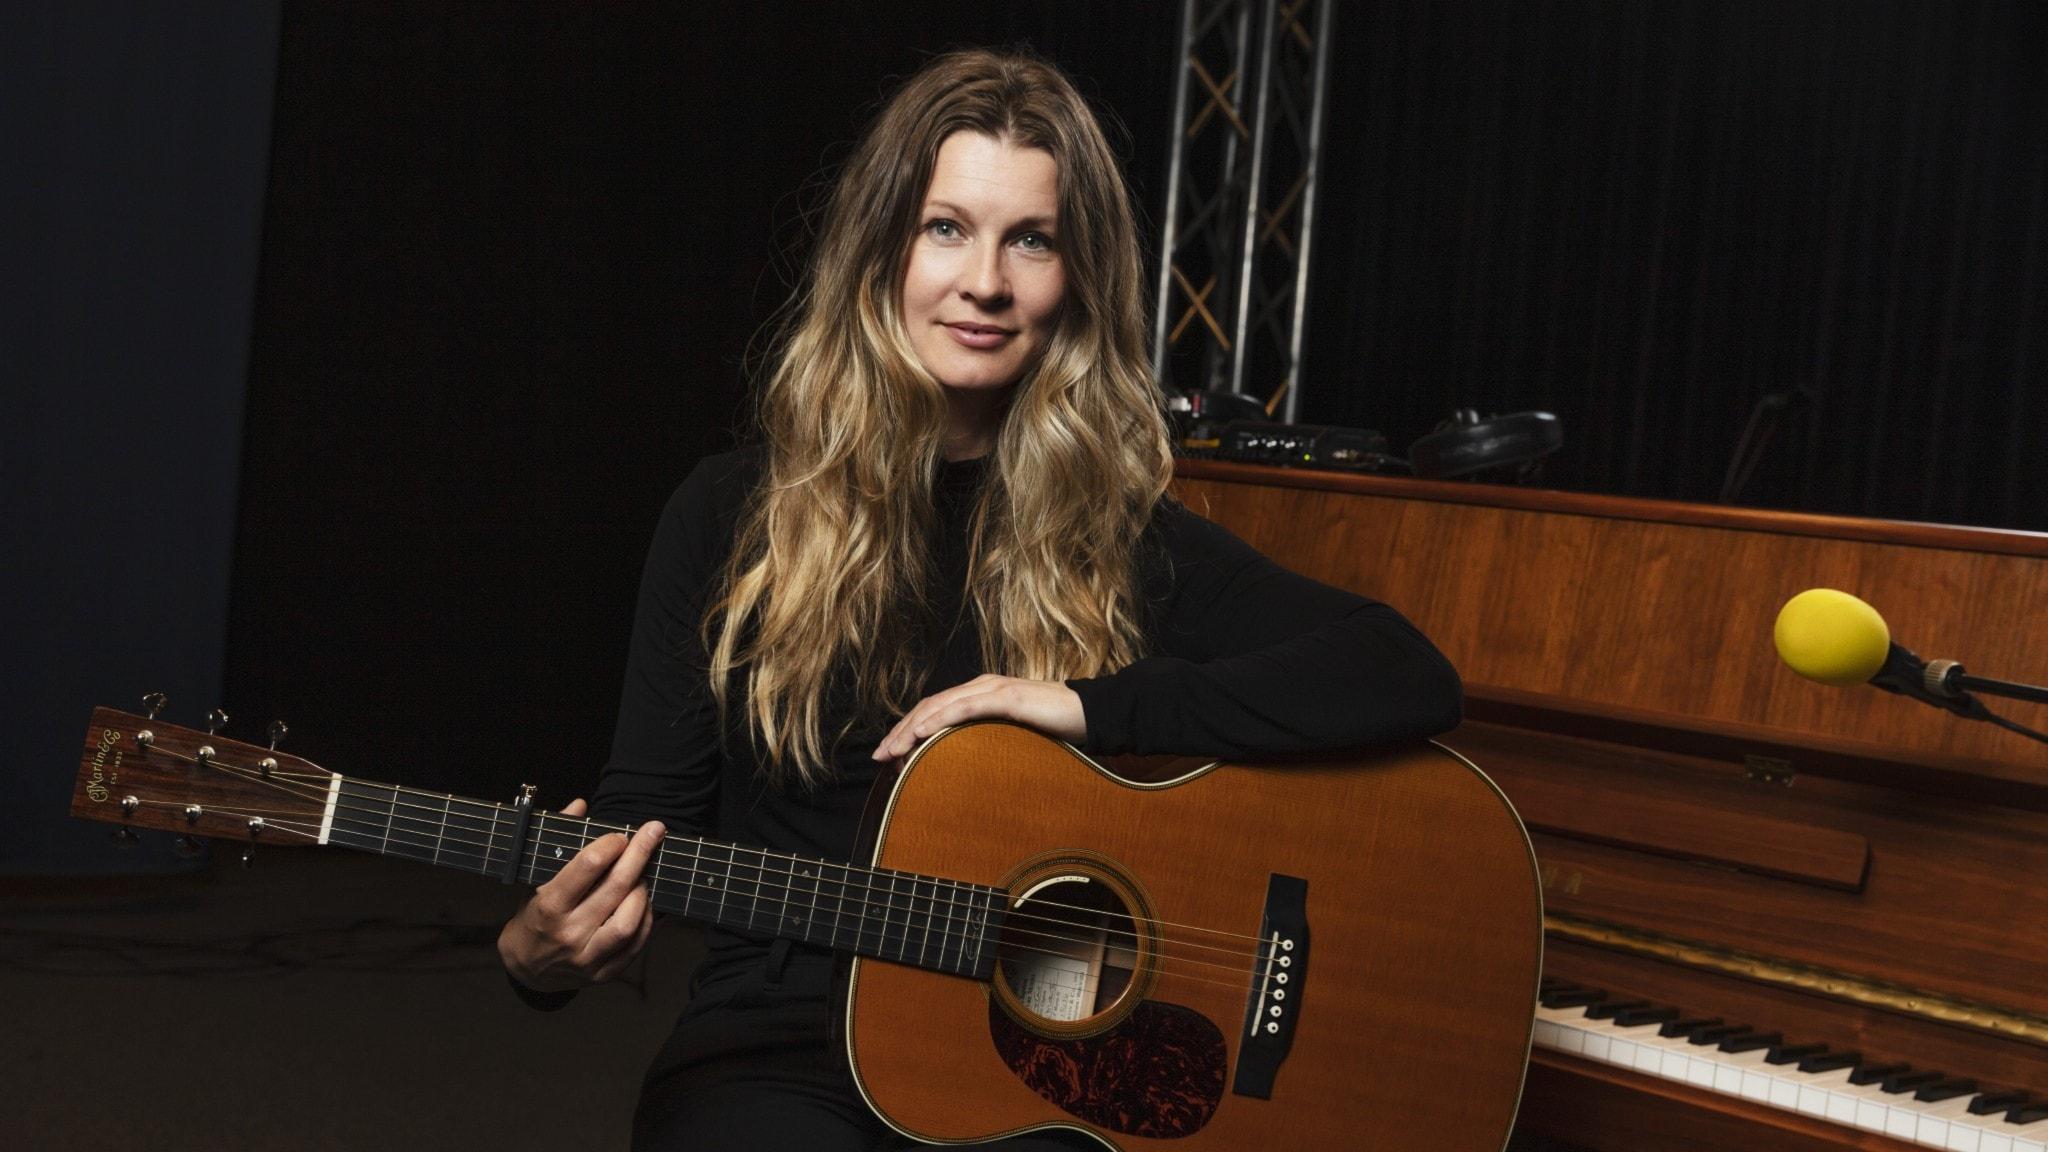 Hör färsk musik med Pernilla Andersson, Sarah Dawn Finer & Stiko Per Larsson - spela